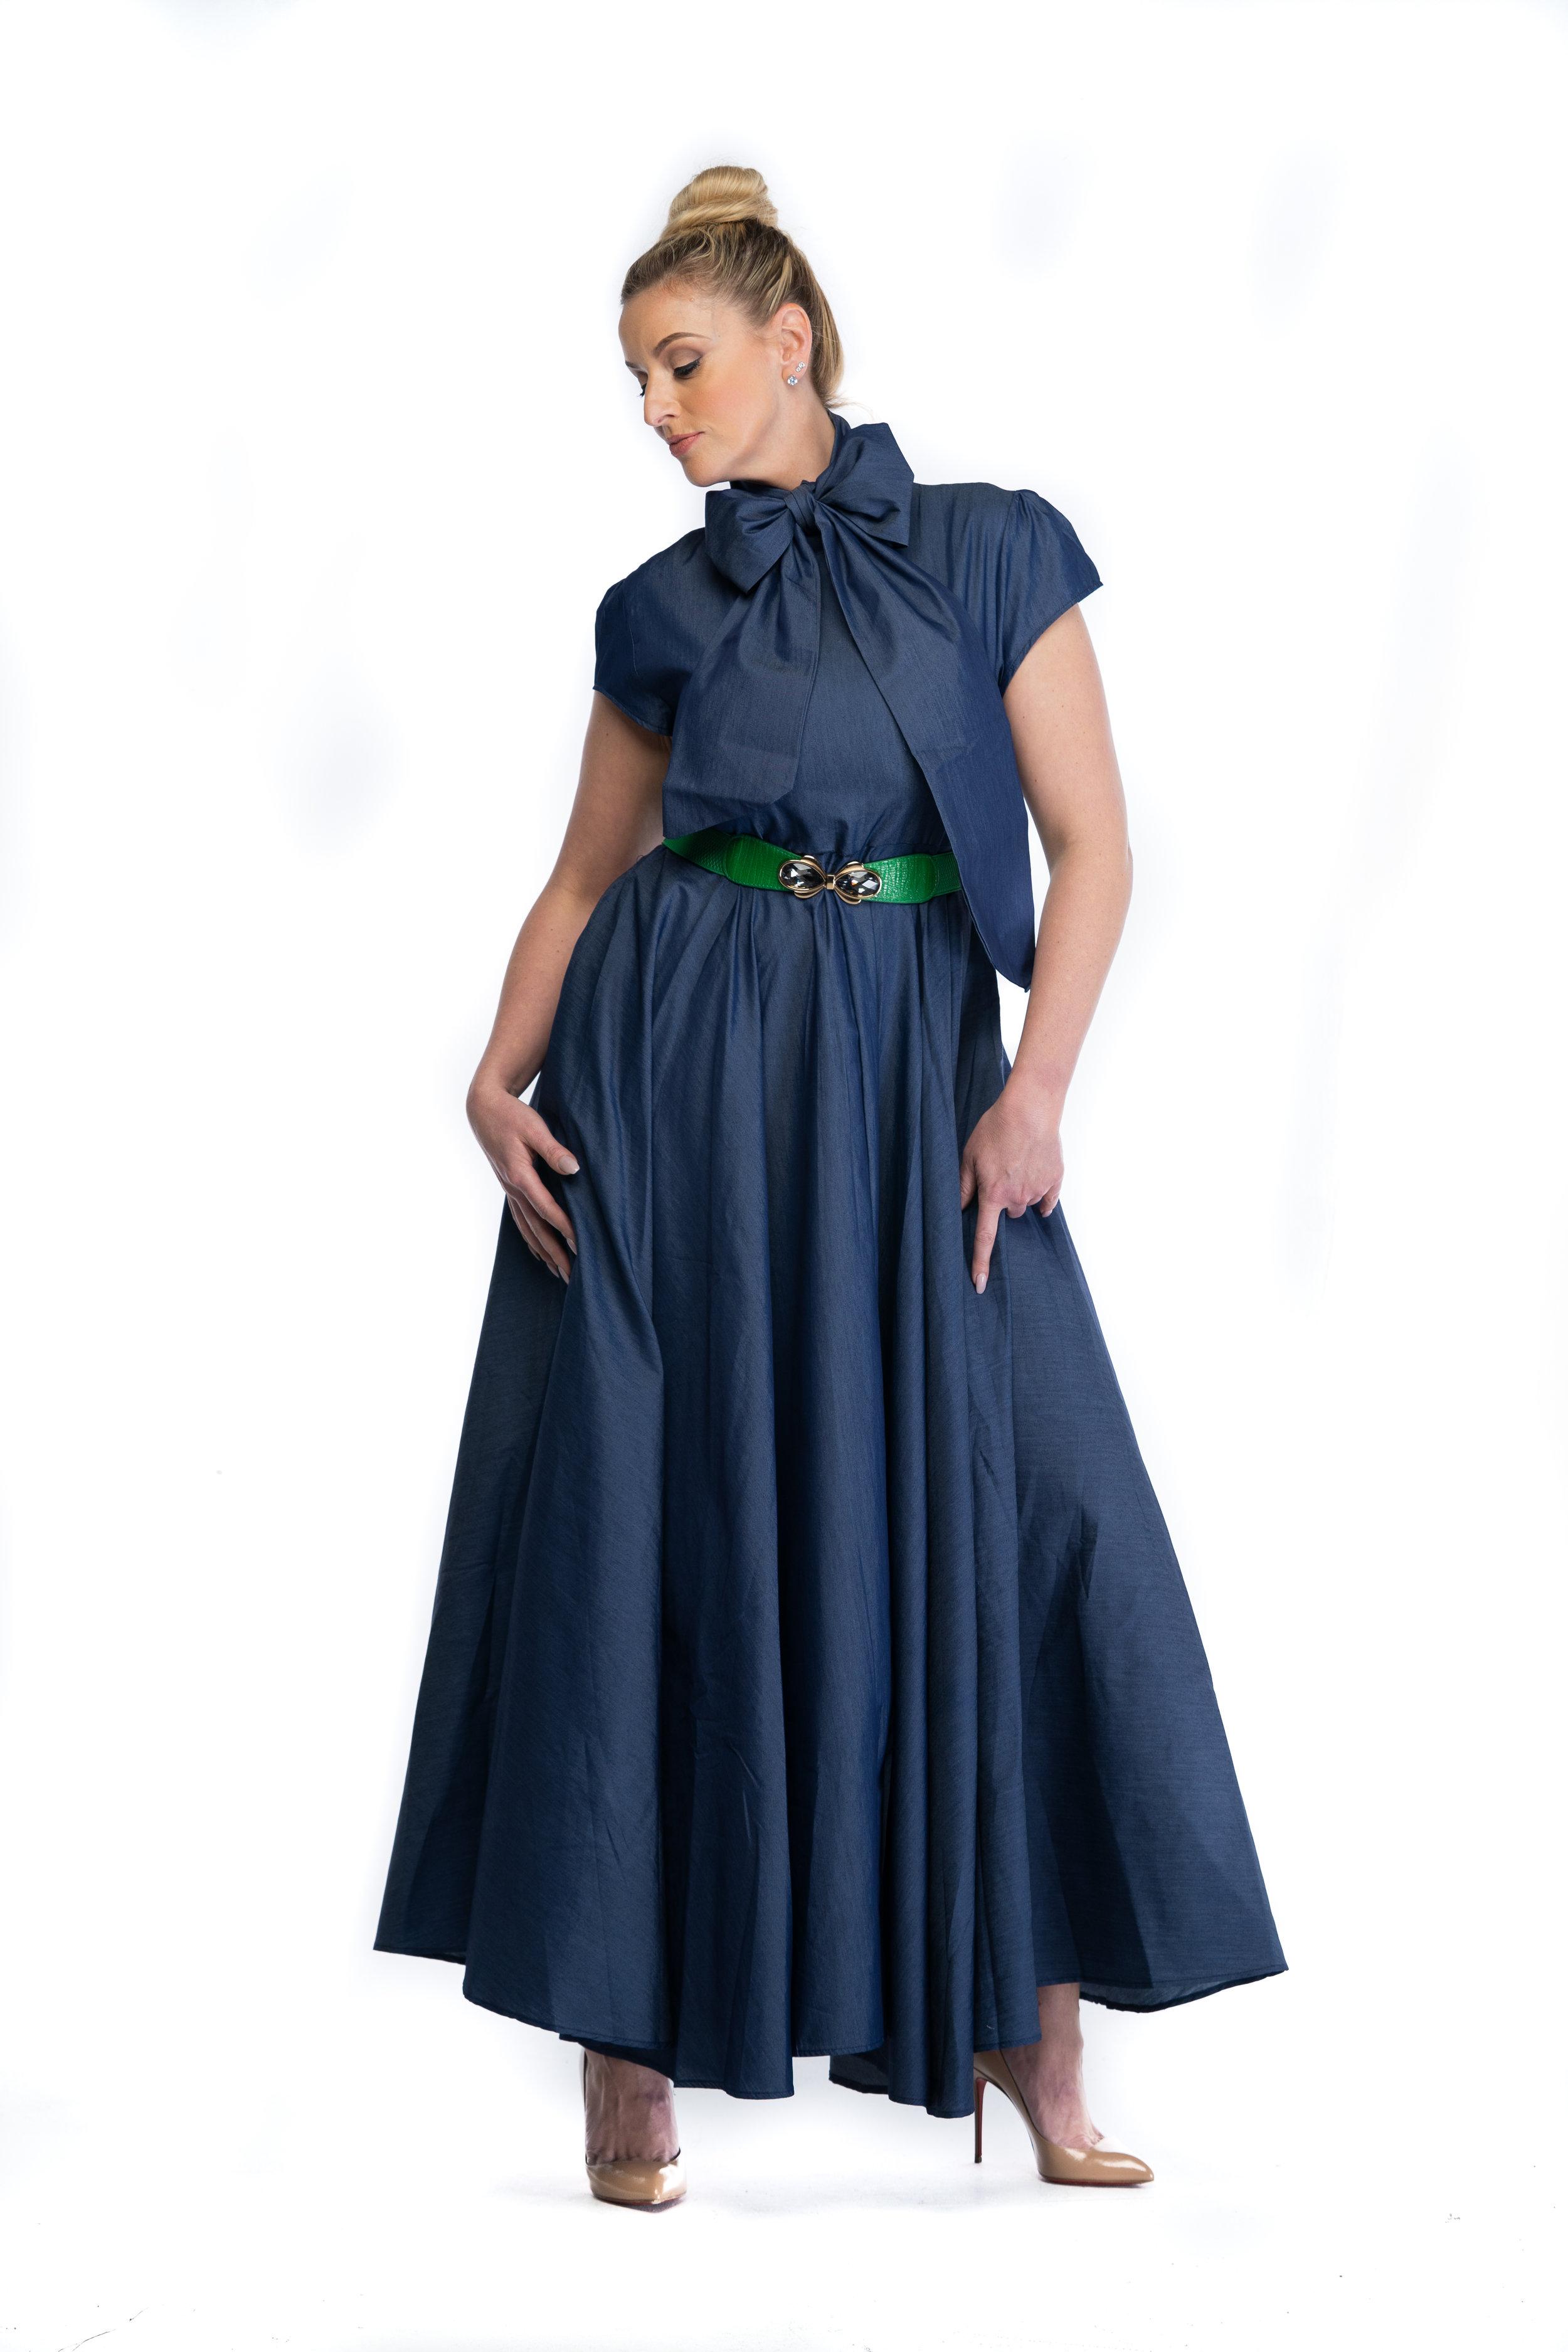 Ladies Boutique Maxi Dresses – DACC